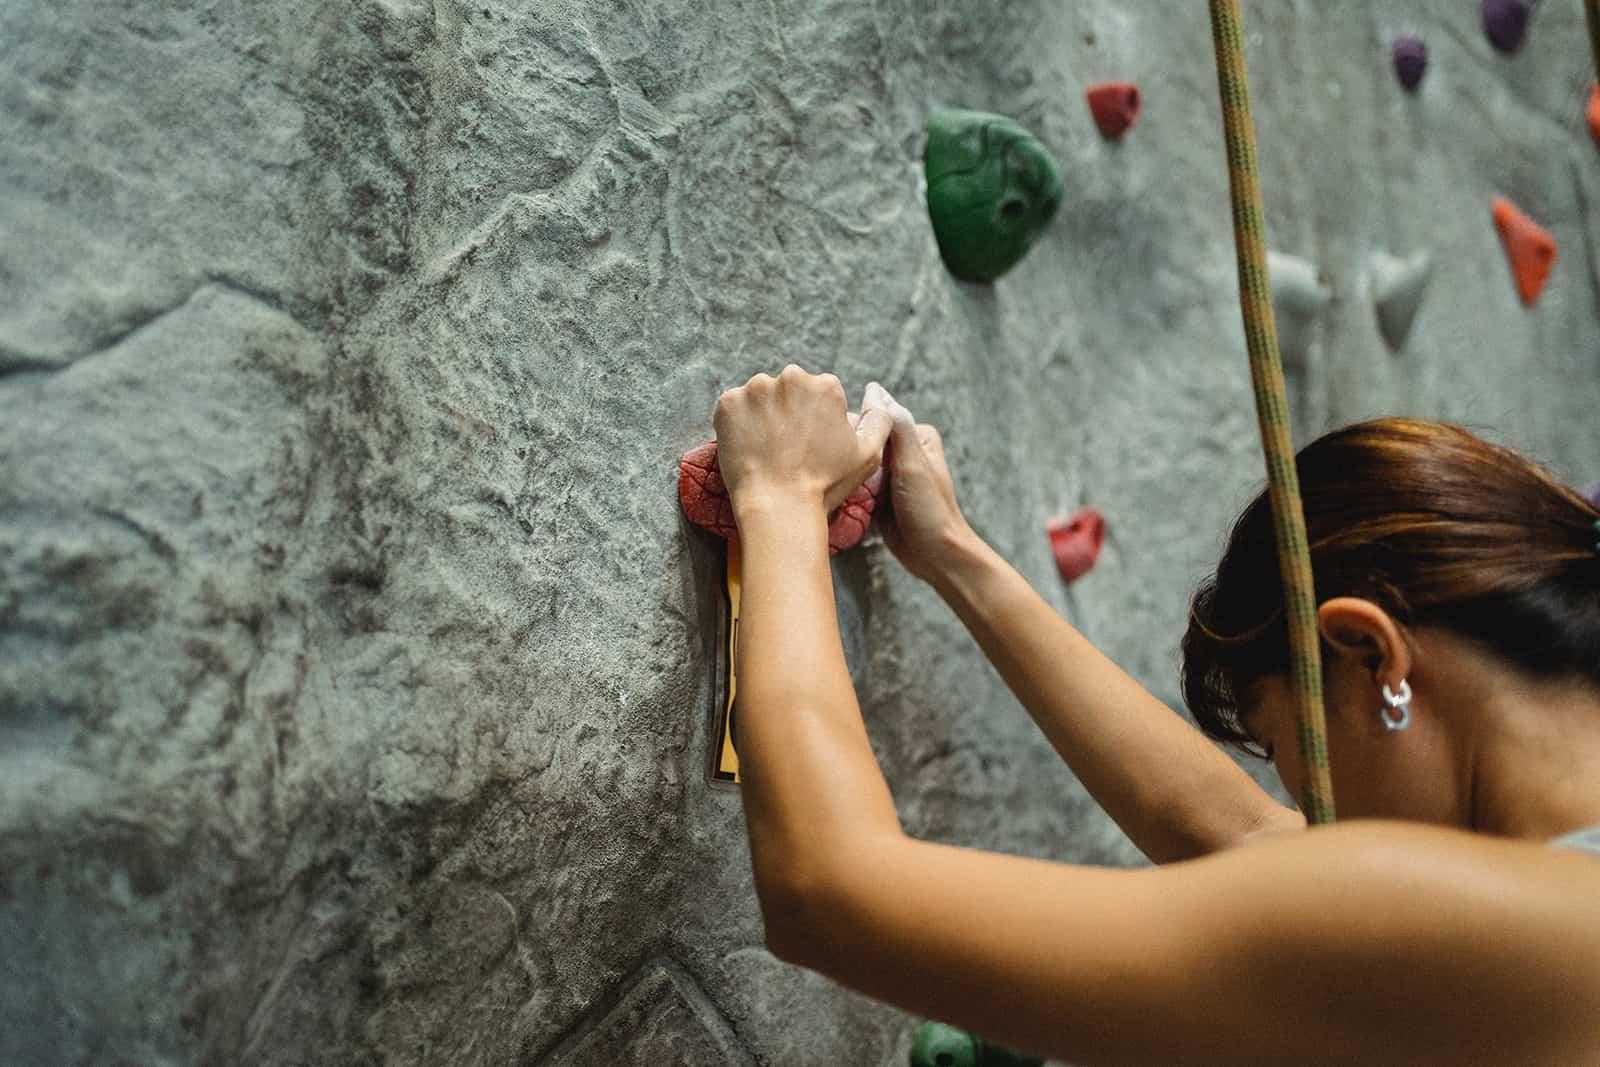 une femme escalade un rocher pendant l'entraînement